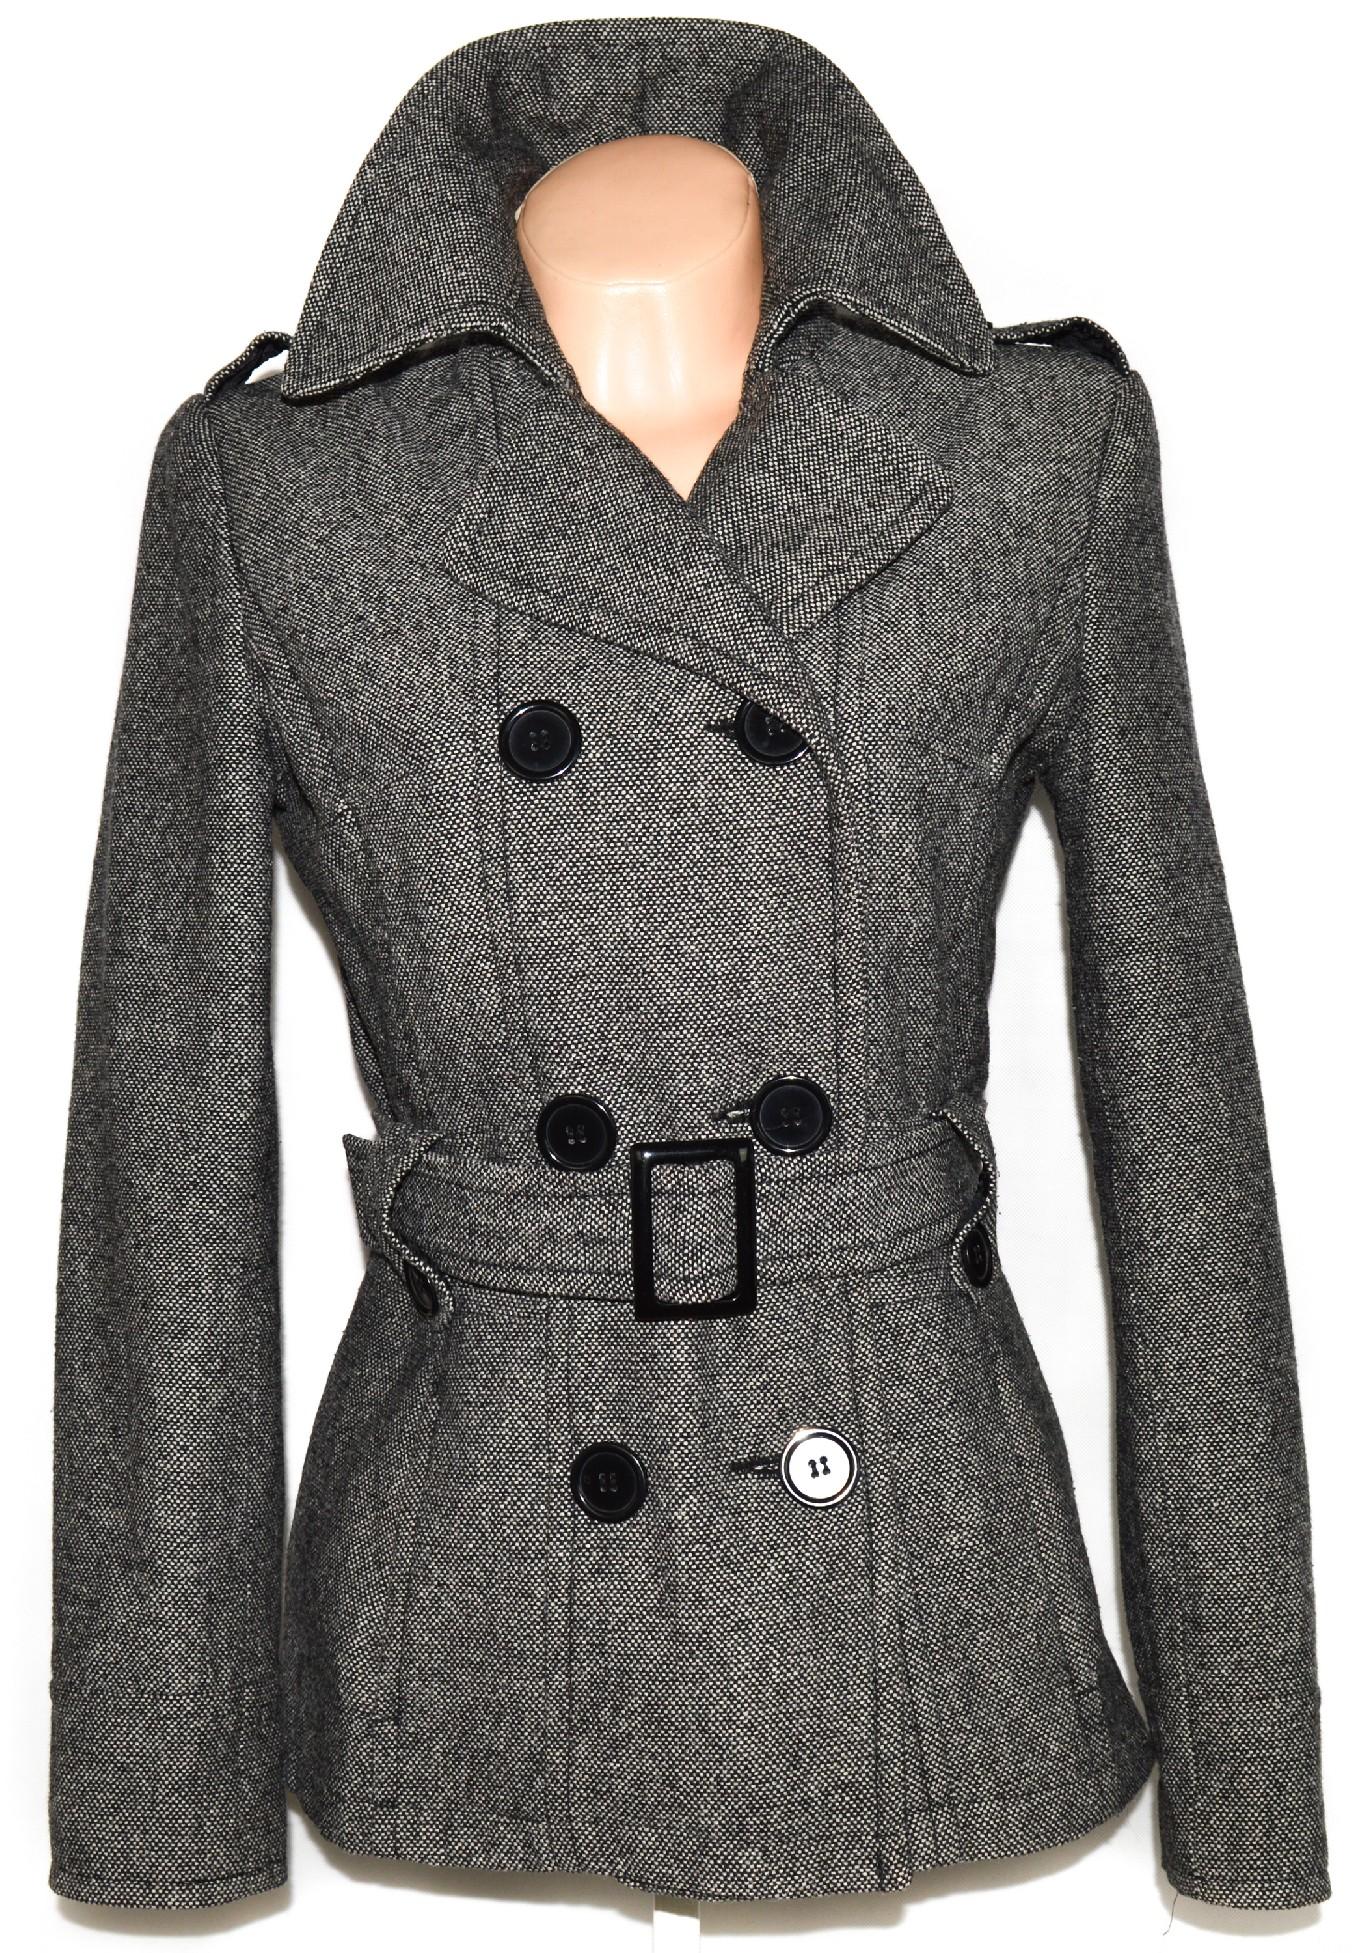 Vlněný dámský černobílý kabát s páskem GATE 40